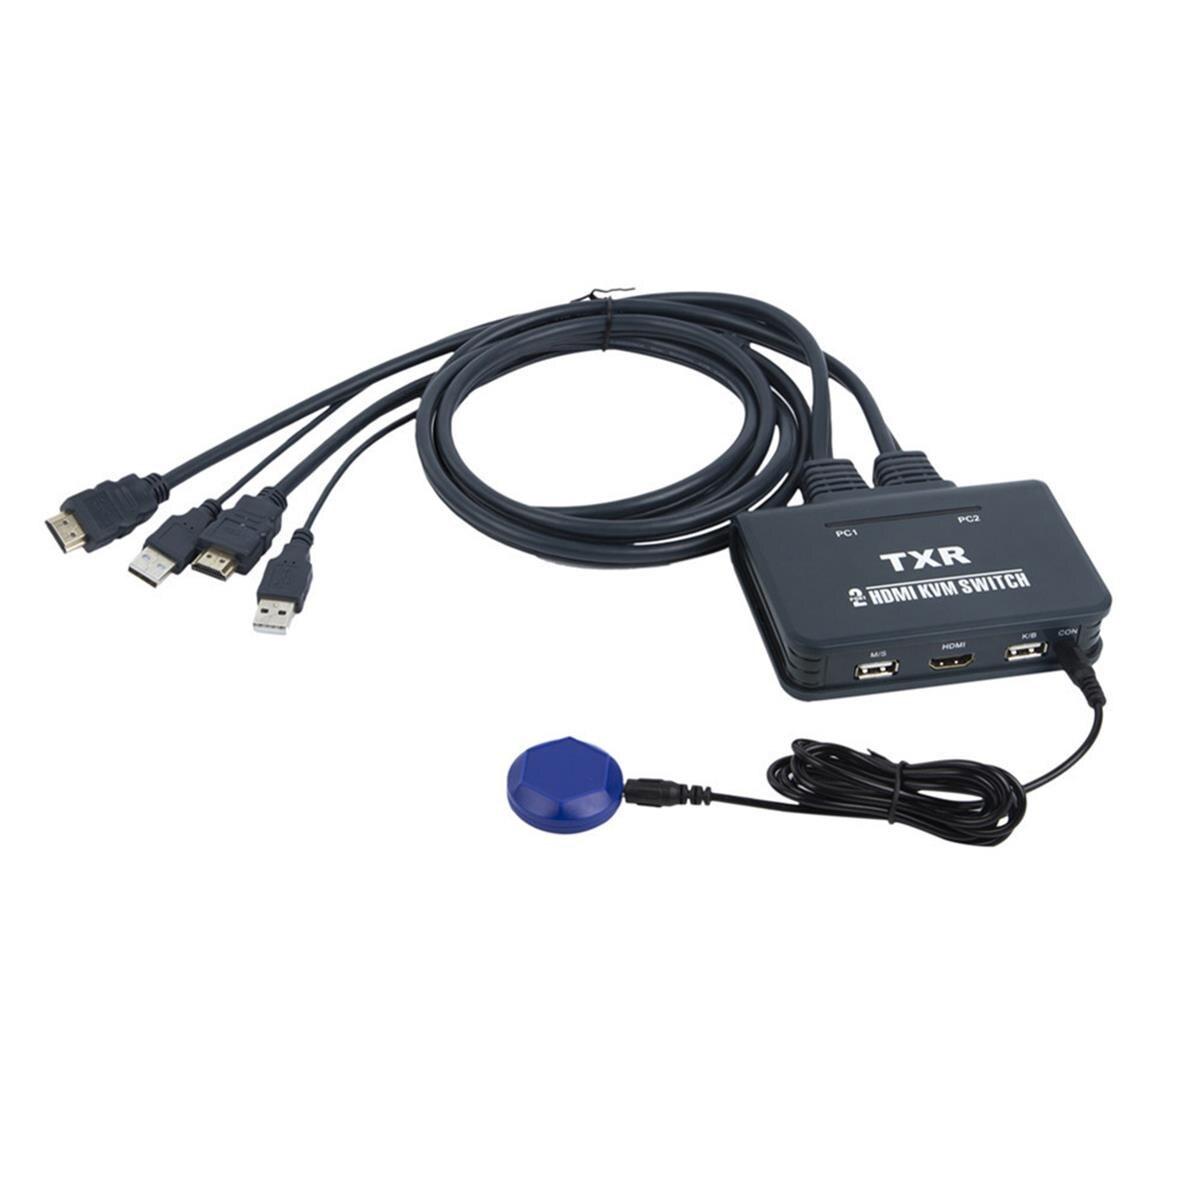 Kvm-switches ZuverläSsig 2 Port Hdmi Kvm Schalter Mit Kabel El-21uhc-scll Computer & Büro